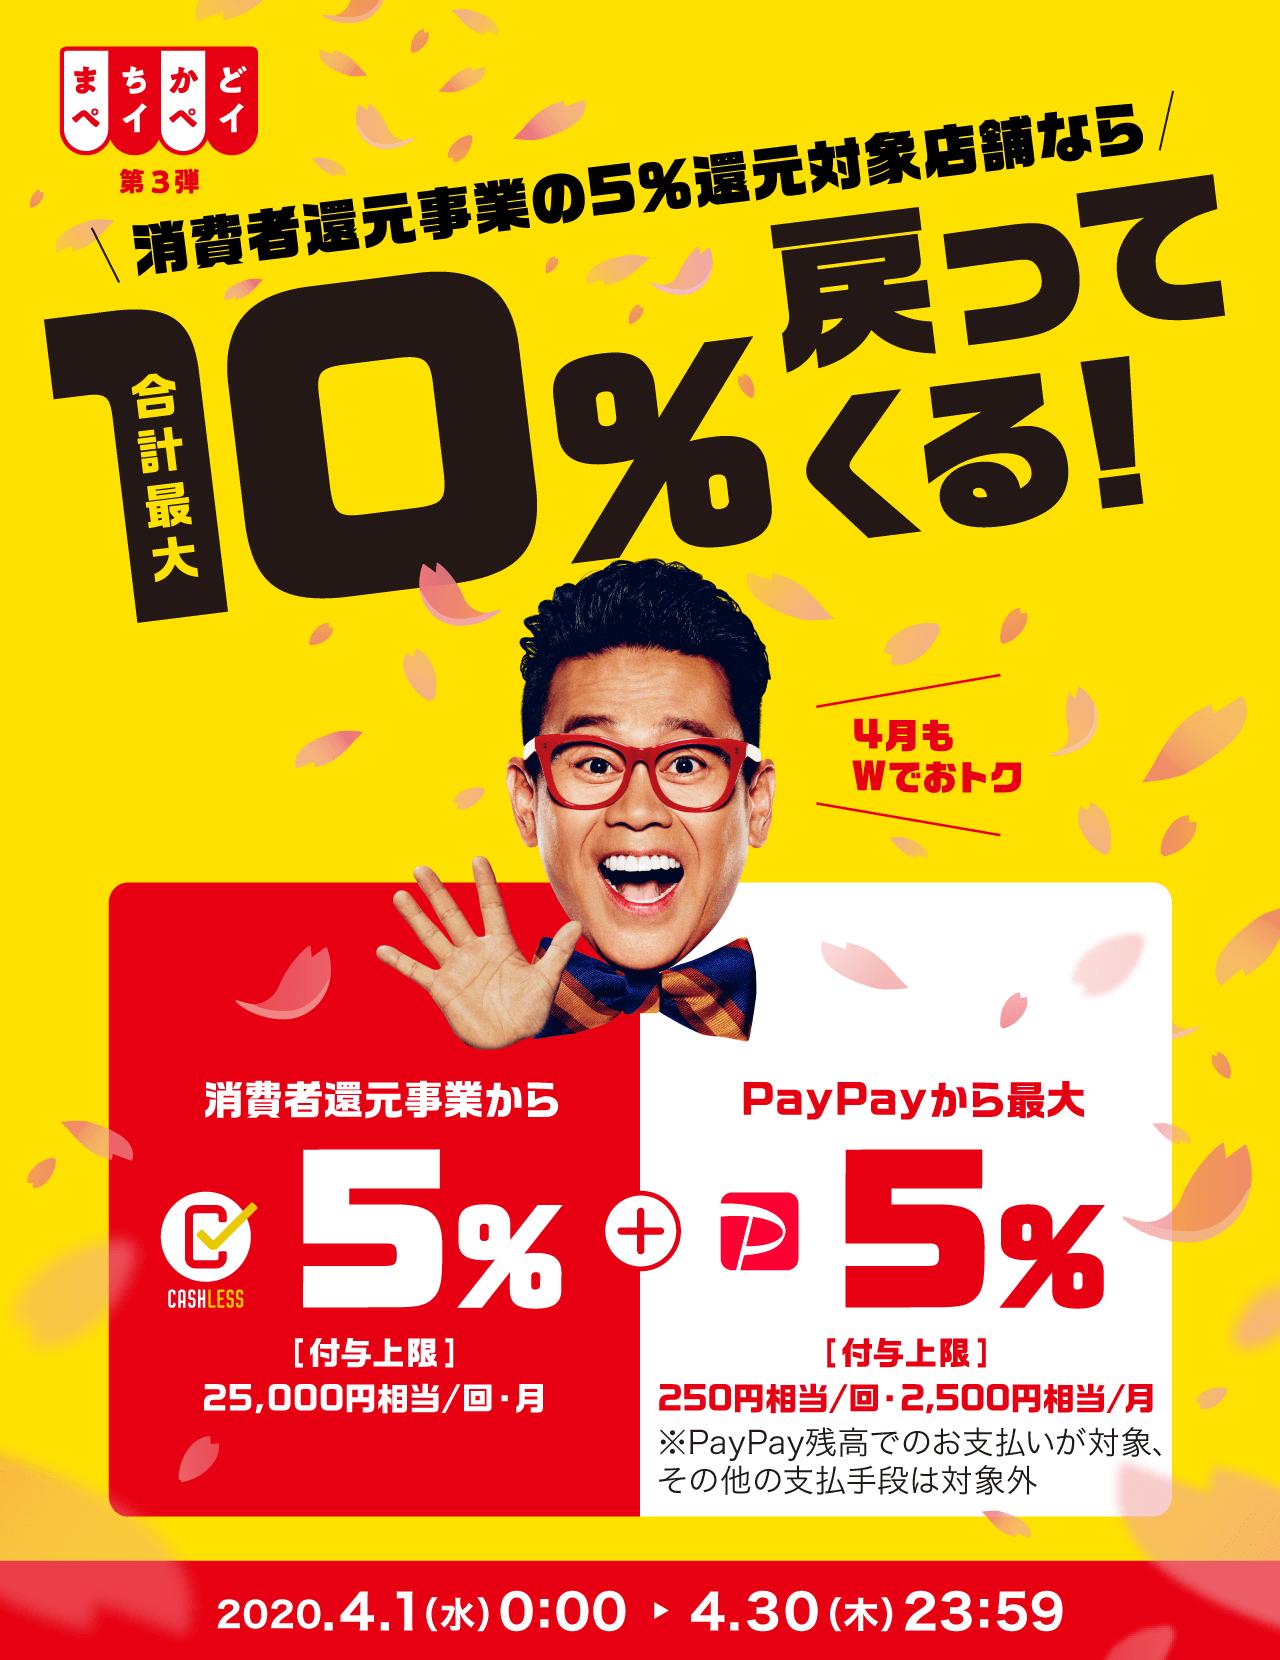 消費者還元事業の5%還元対象店舗なら 合計最大10%戻ってくる!